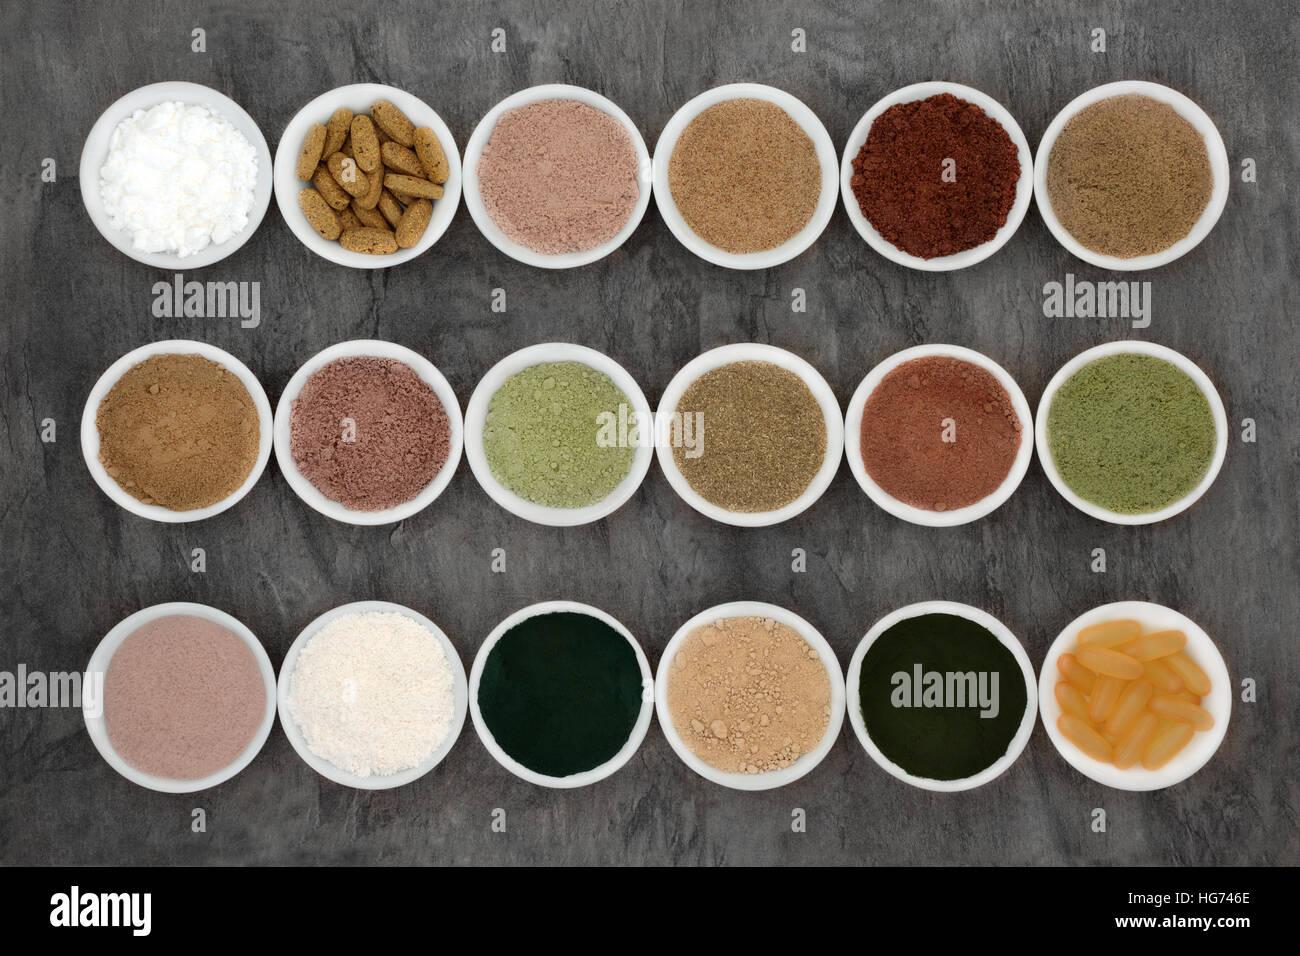 Polvos body building y suplementos en cuencos de porcelana sobre fondo de mármol. Imagen De Stock